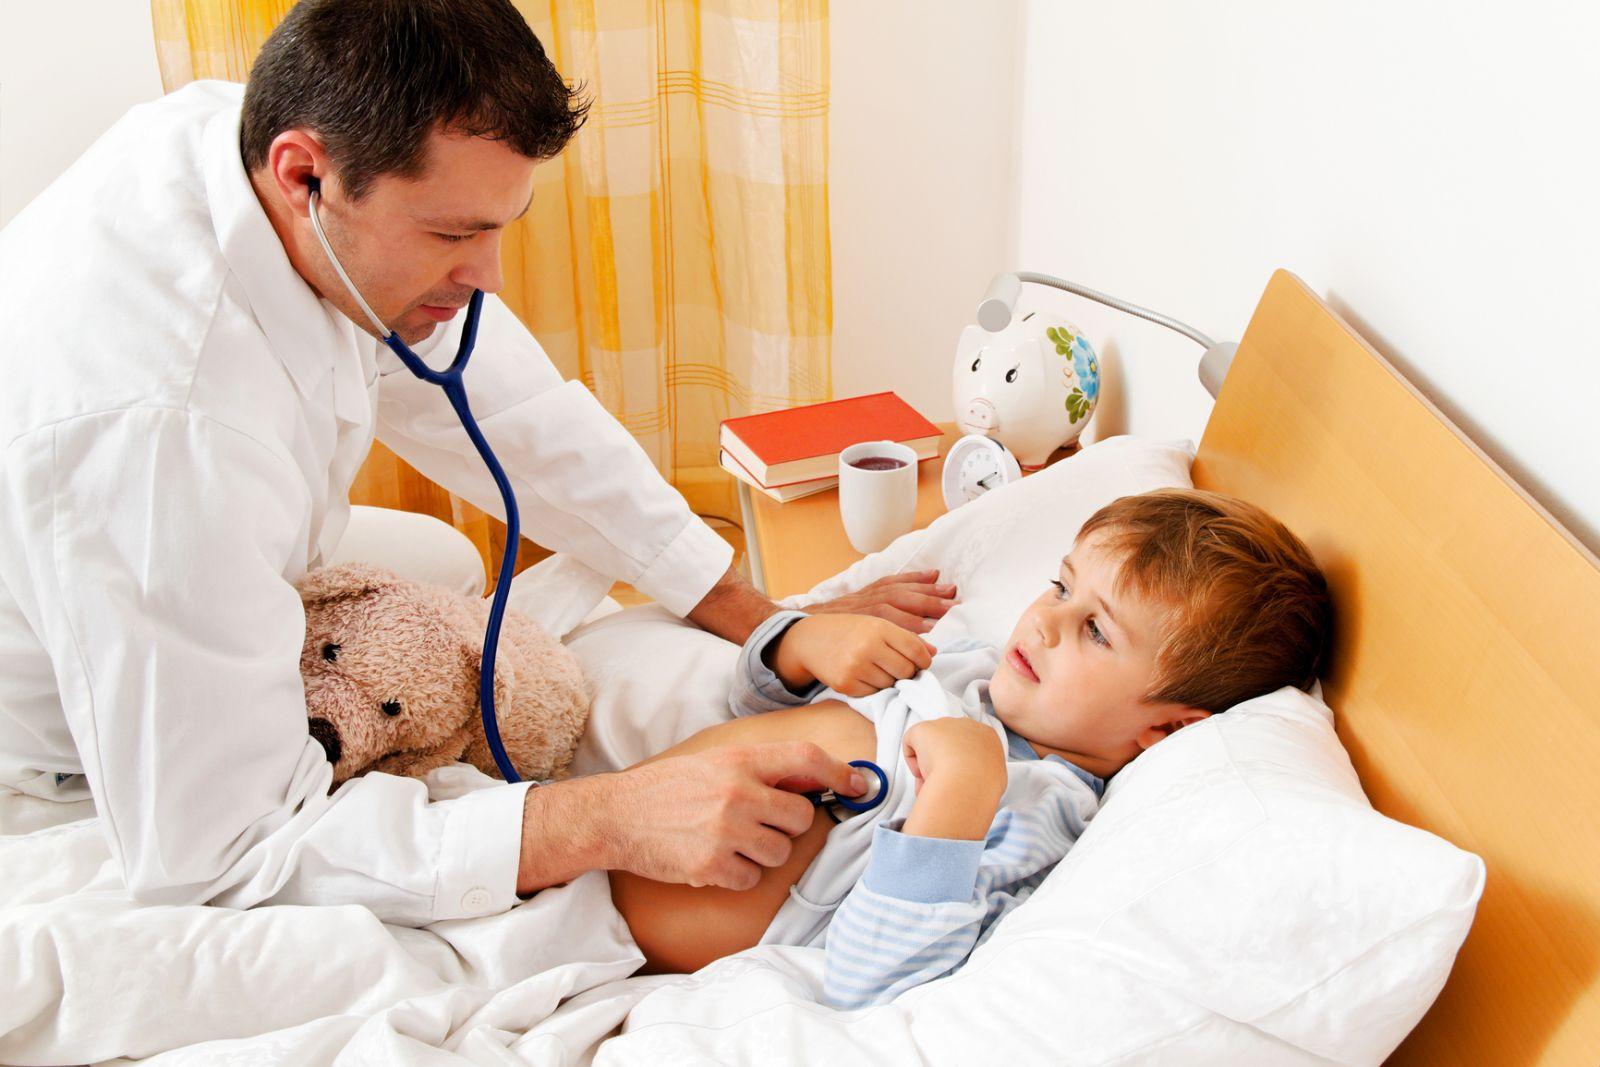 Новости Медицина - Как вылечить простуду без врачей и без вреда.